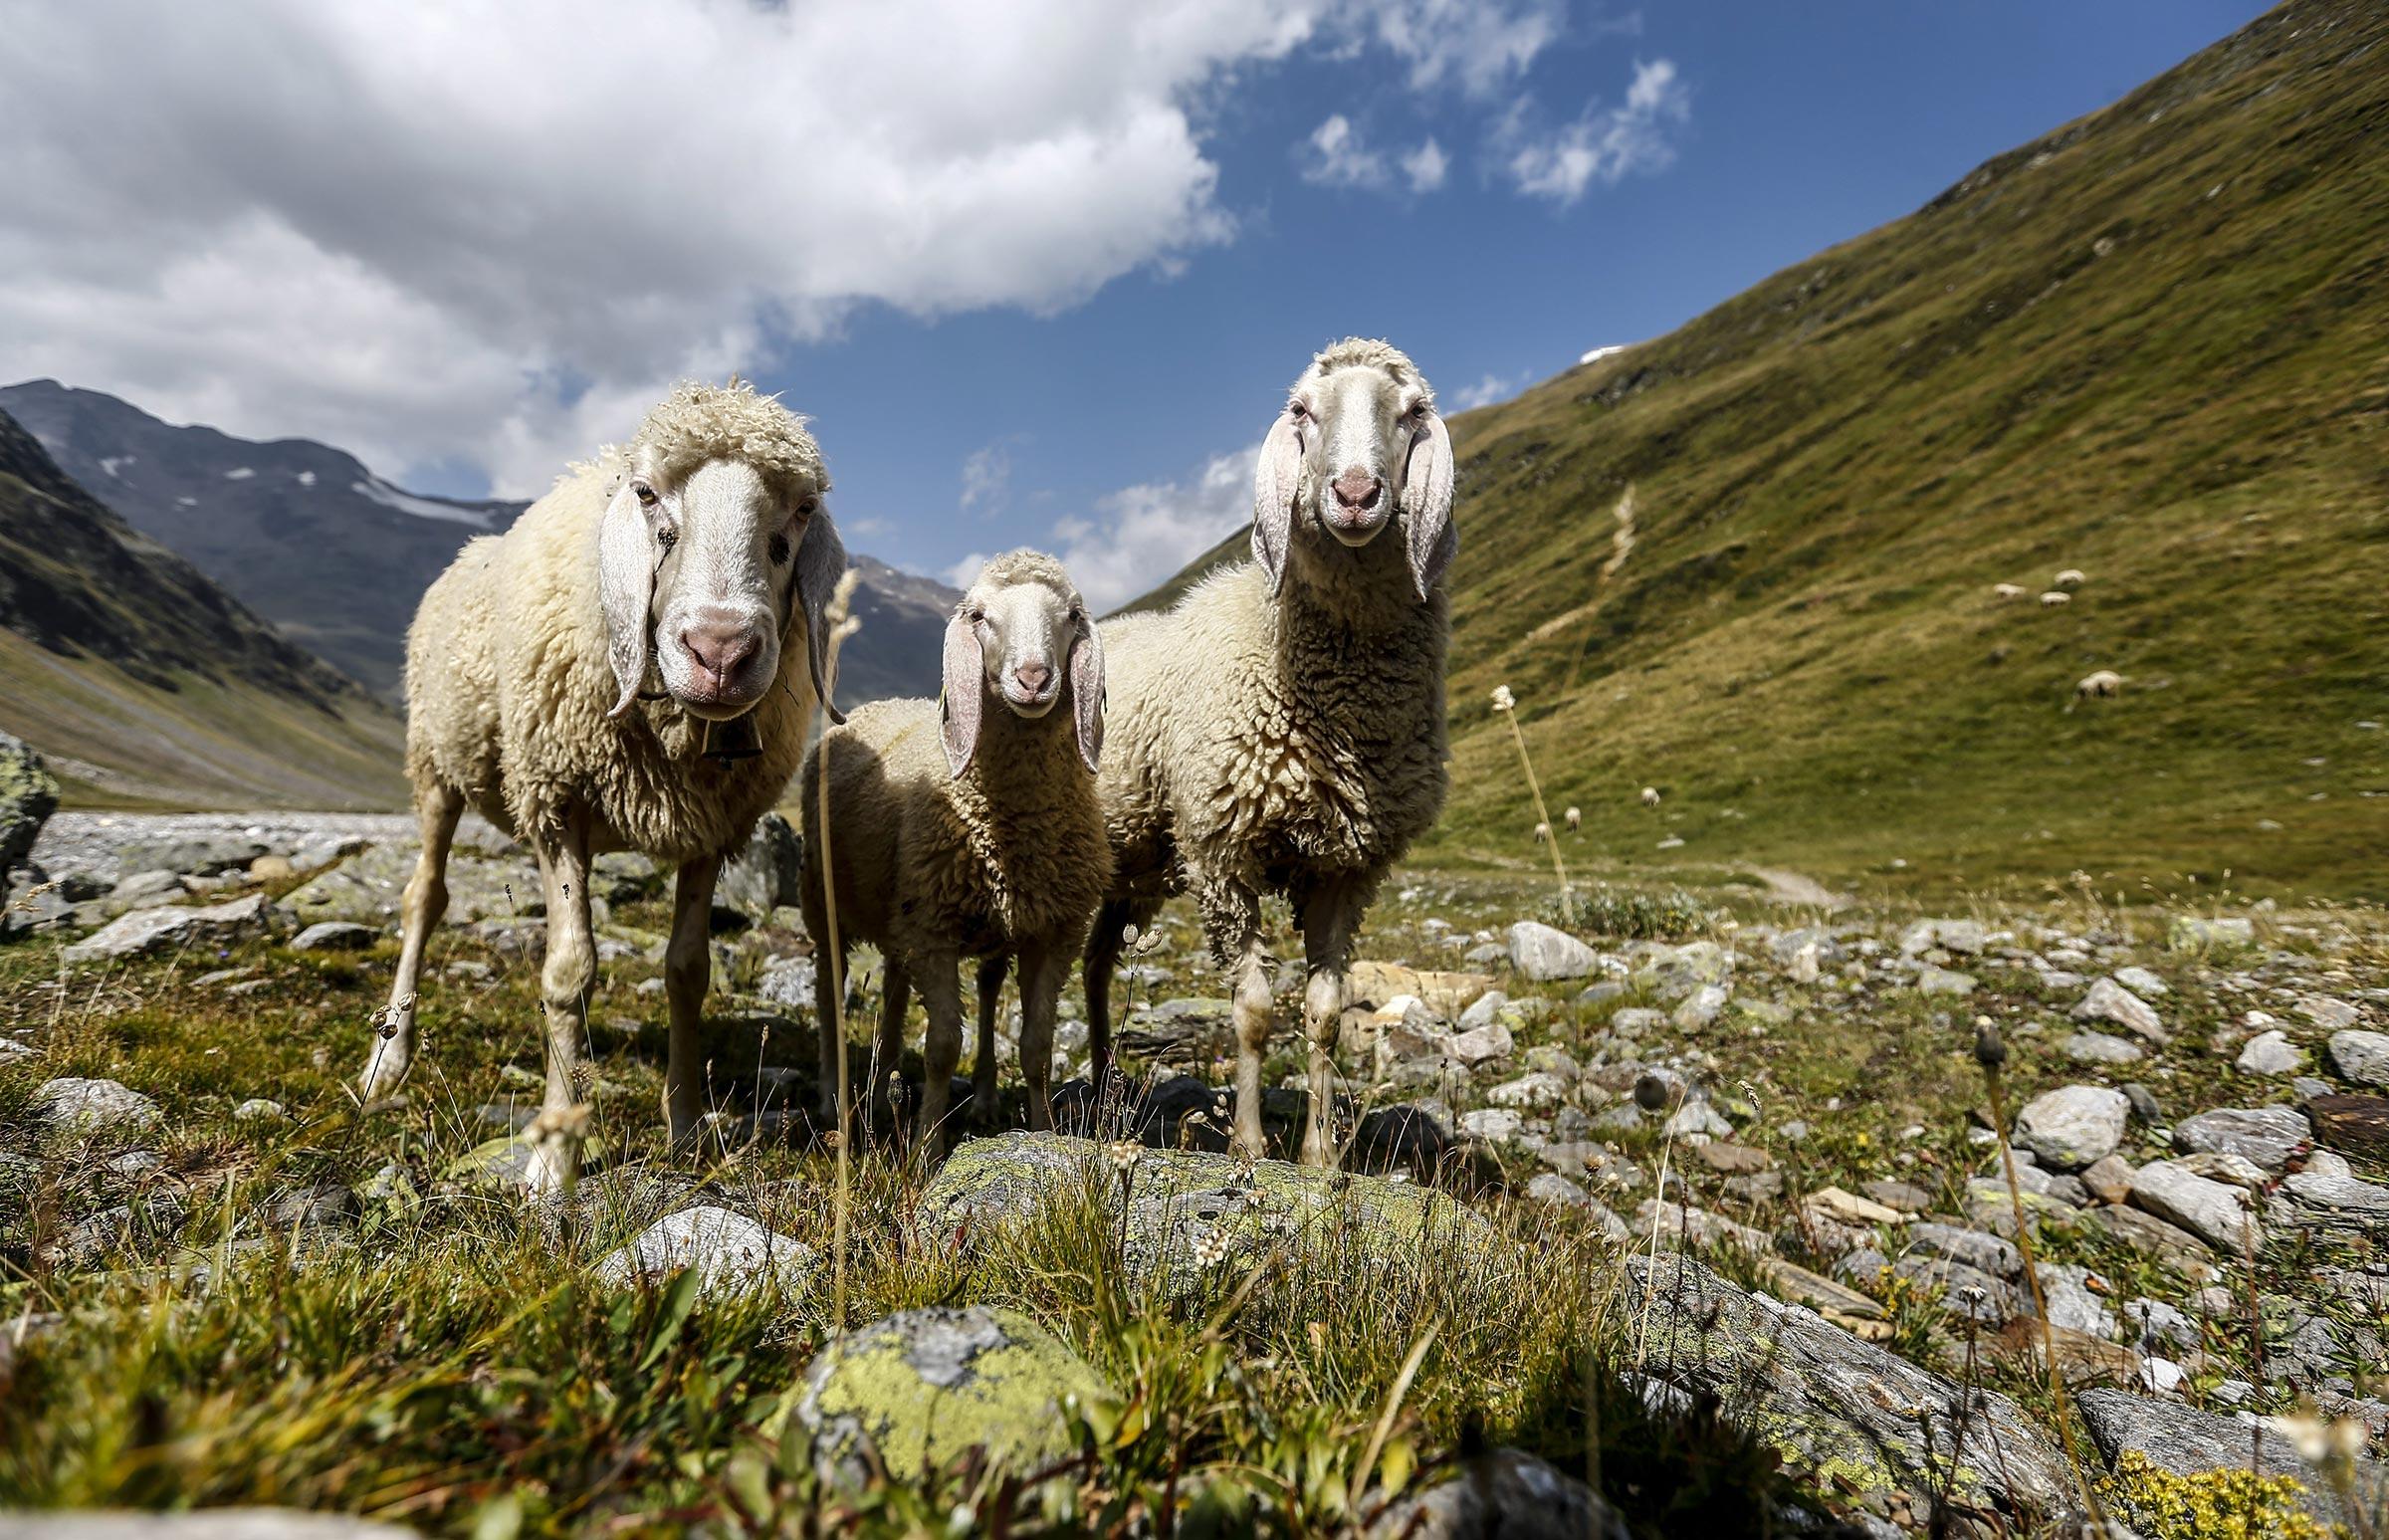 Schafe auf Weide - Ötztaler Schafwollzentrum Regensburger